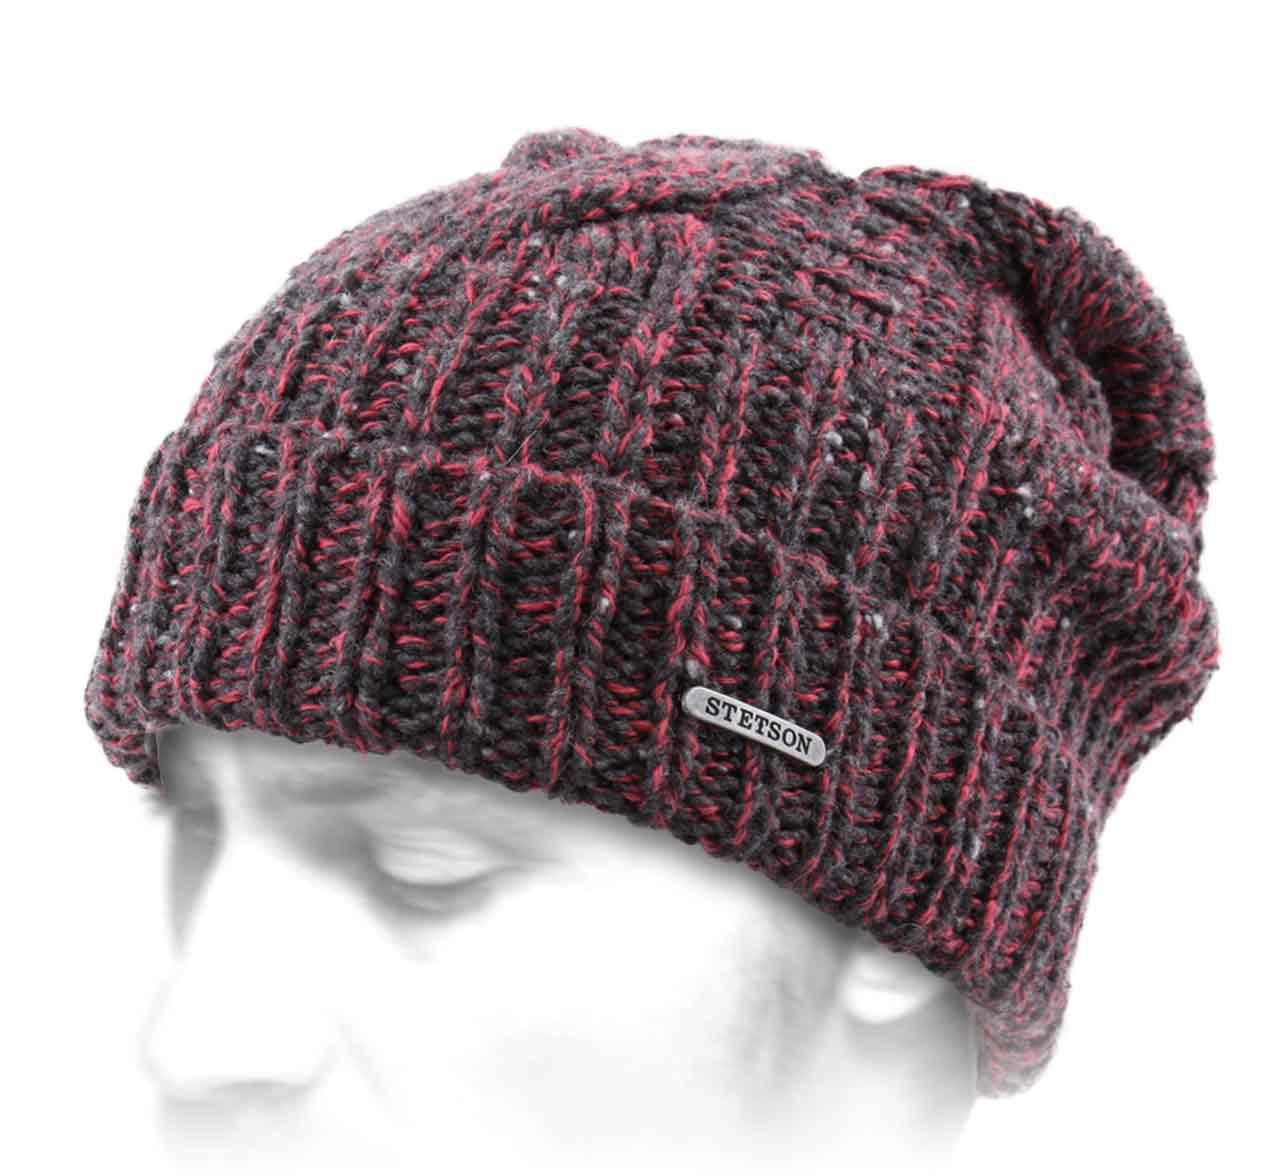 Long Beanie Wool Coton - Beanies Stetson 7432c732741b